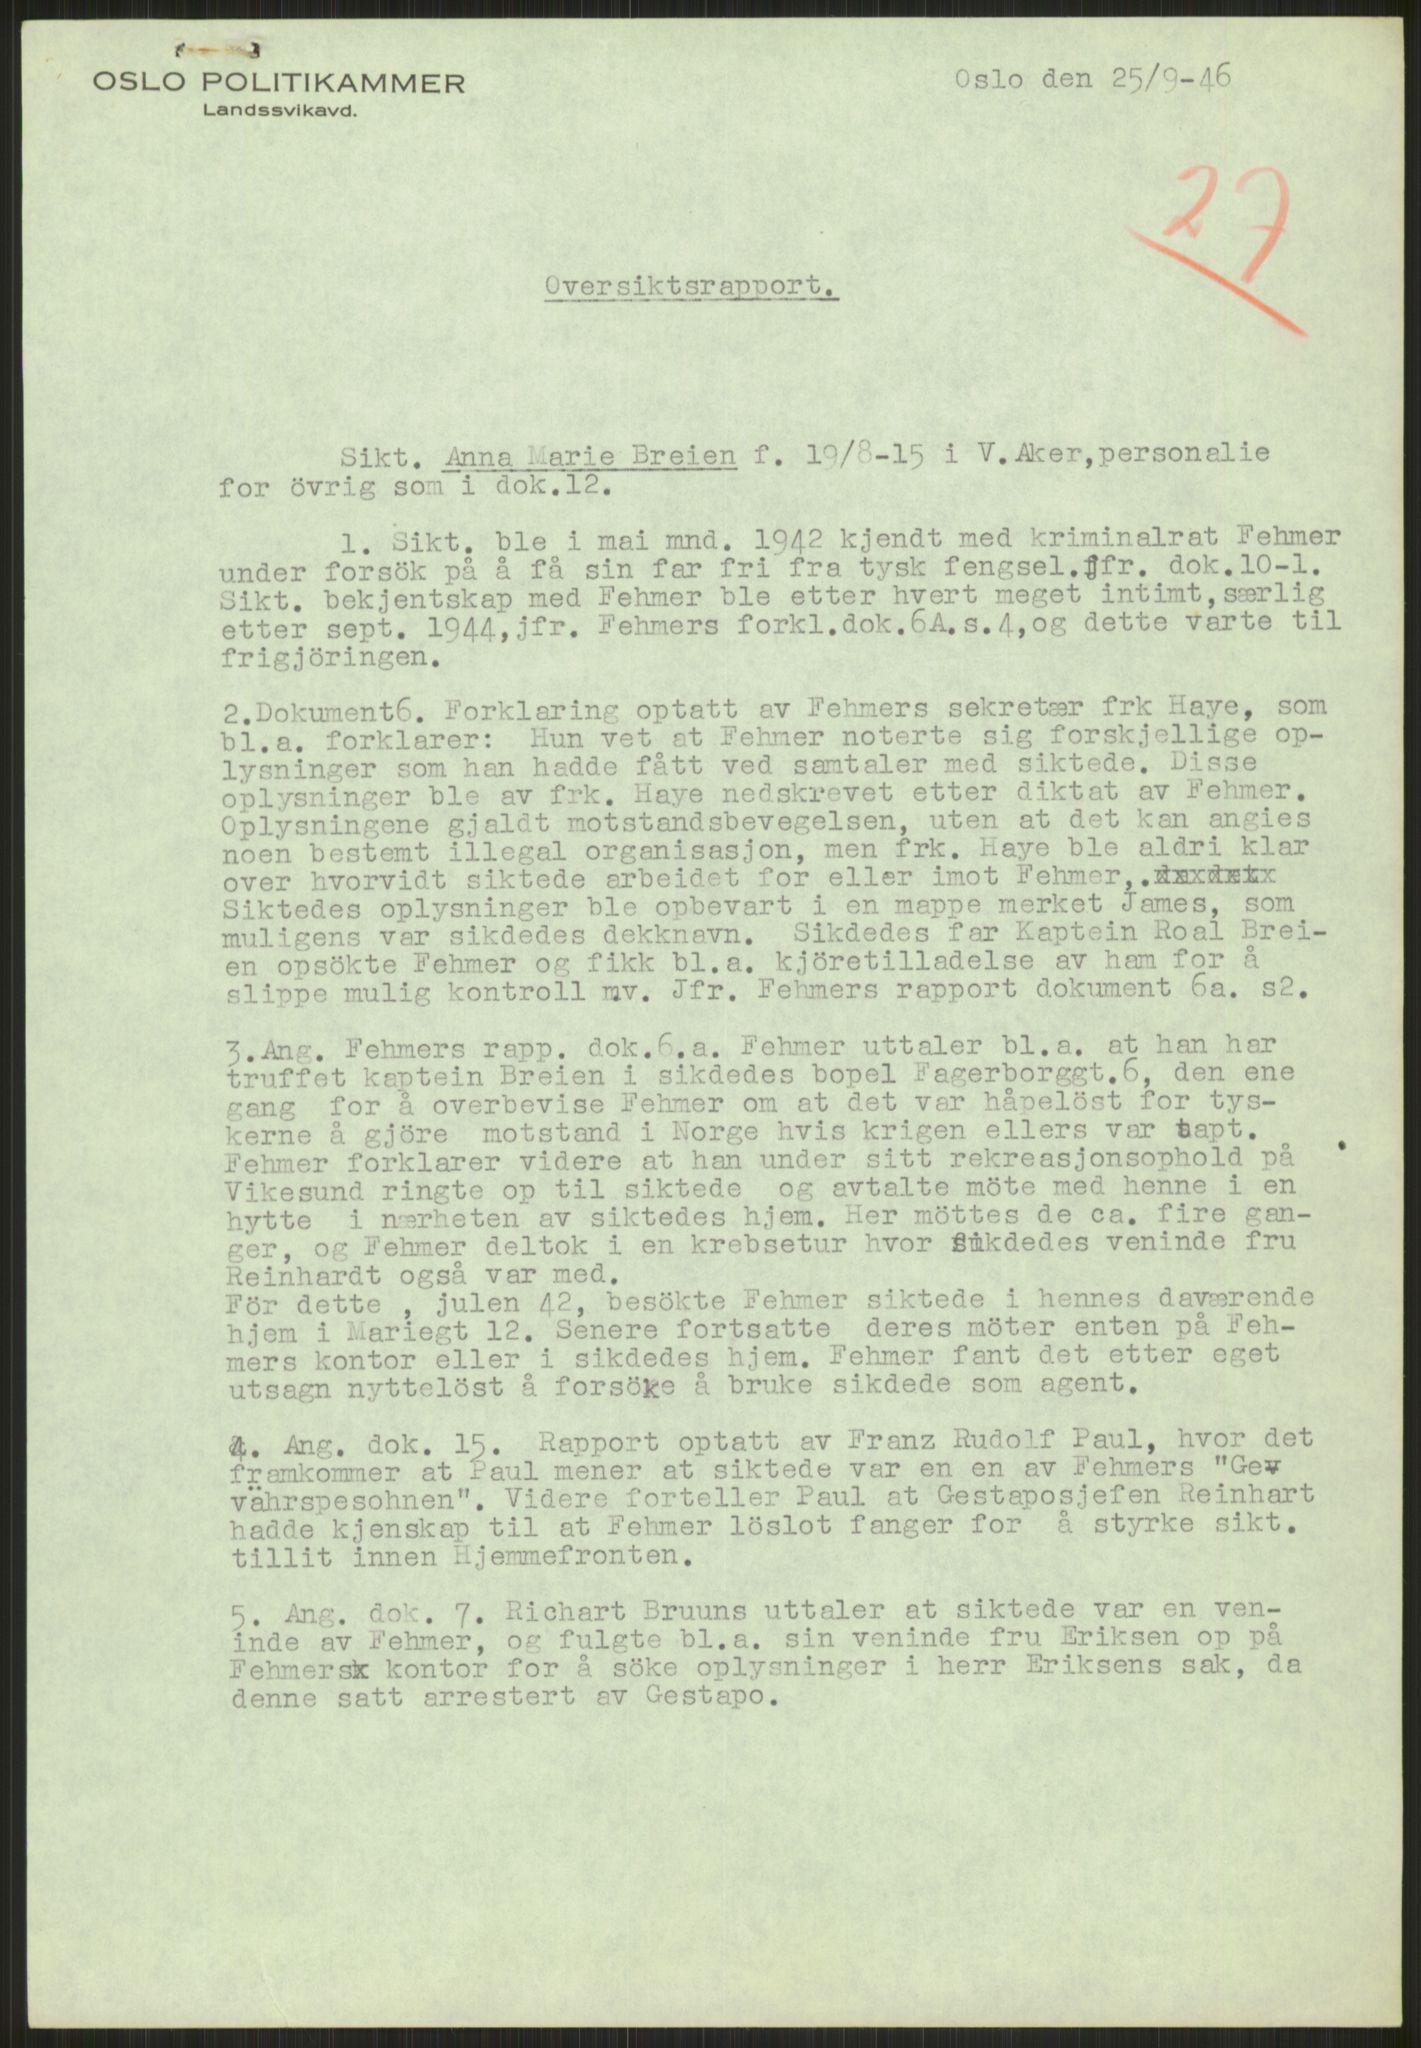 RA, Landssvikarkivet, Oslo politikammer, D/Dg/L0267: Henlagt hnr. 3658, 1945-1946, s. 294